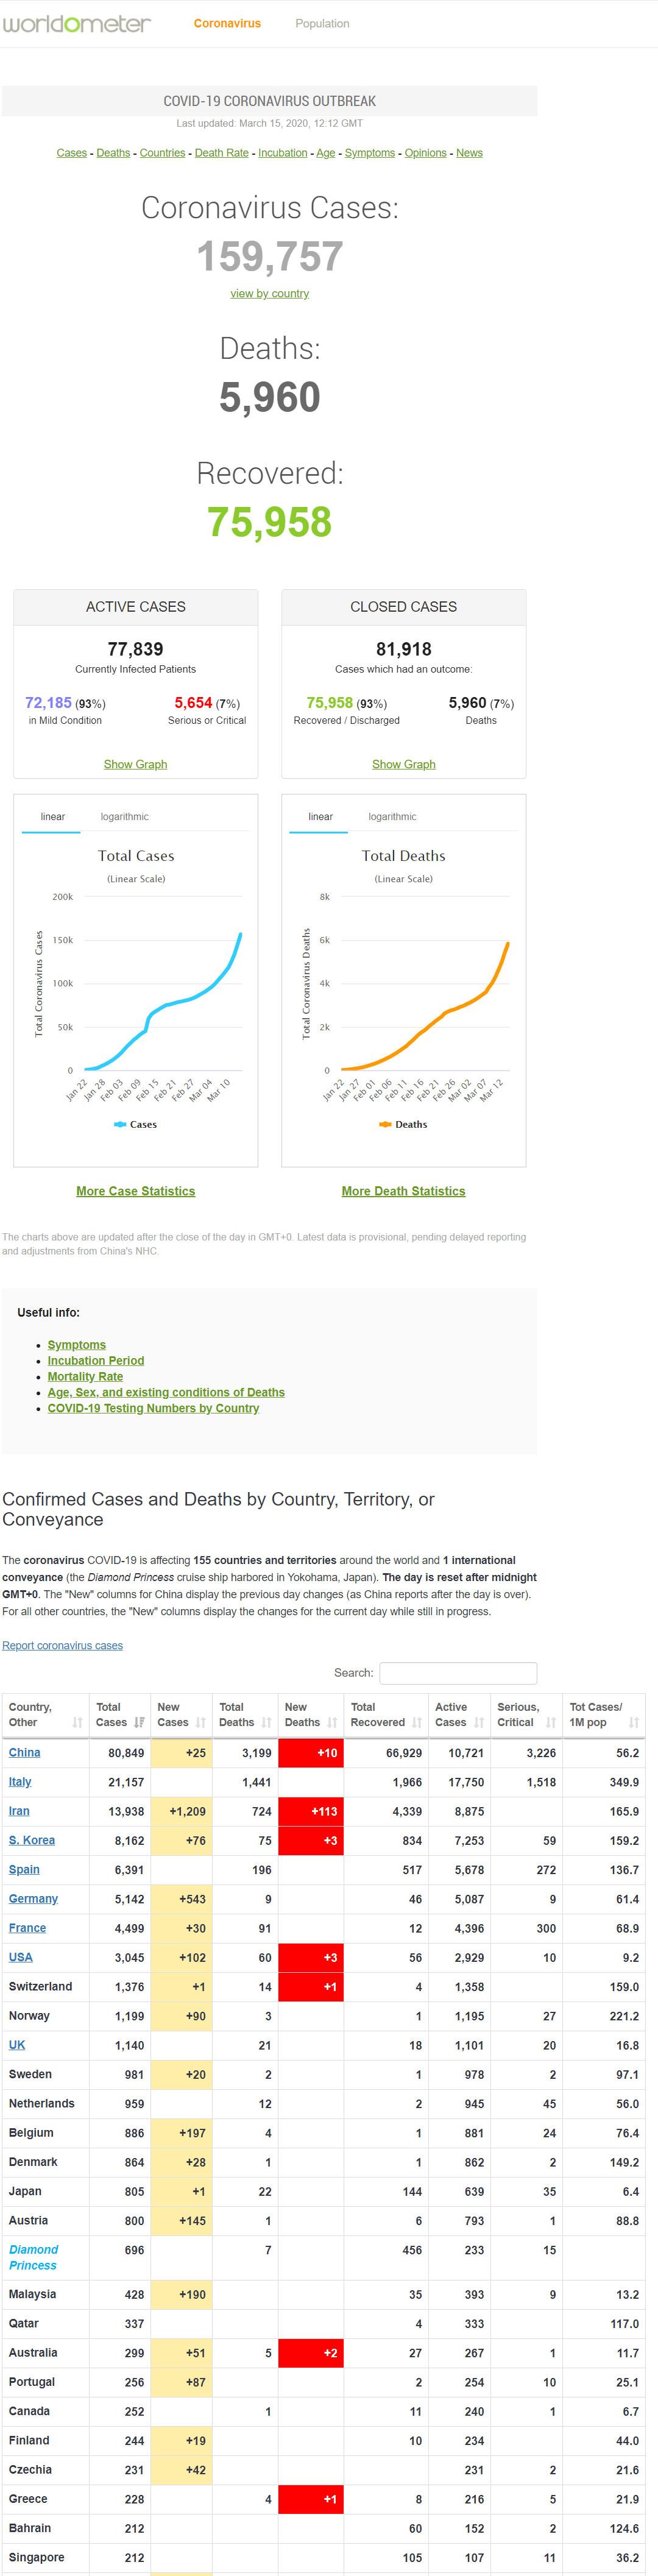 worldometers-info-coronavirus